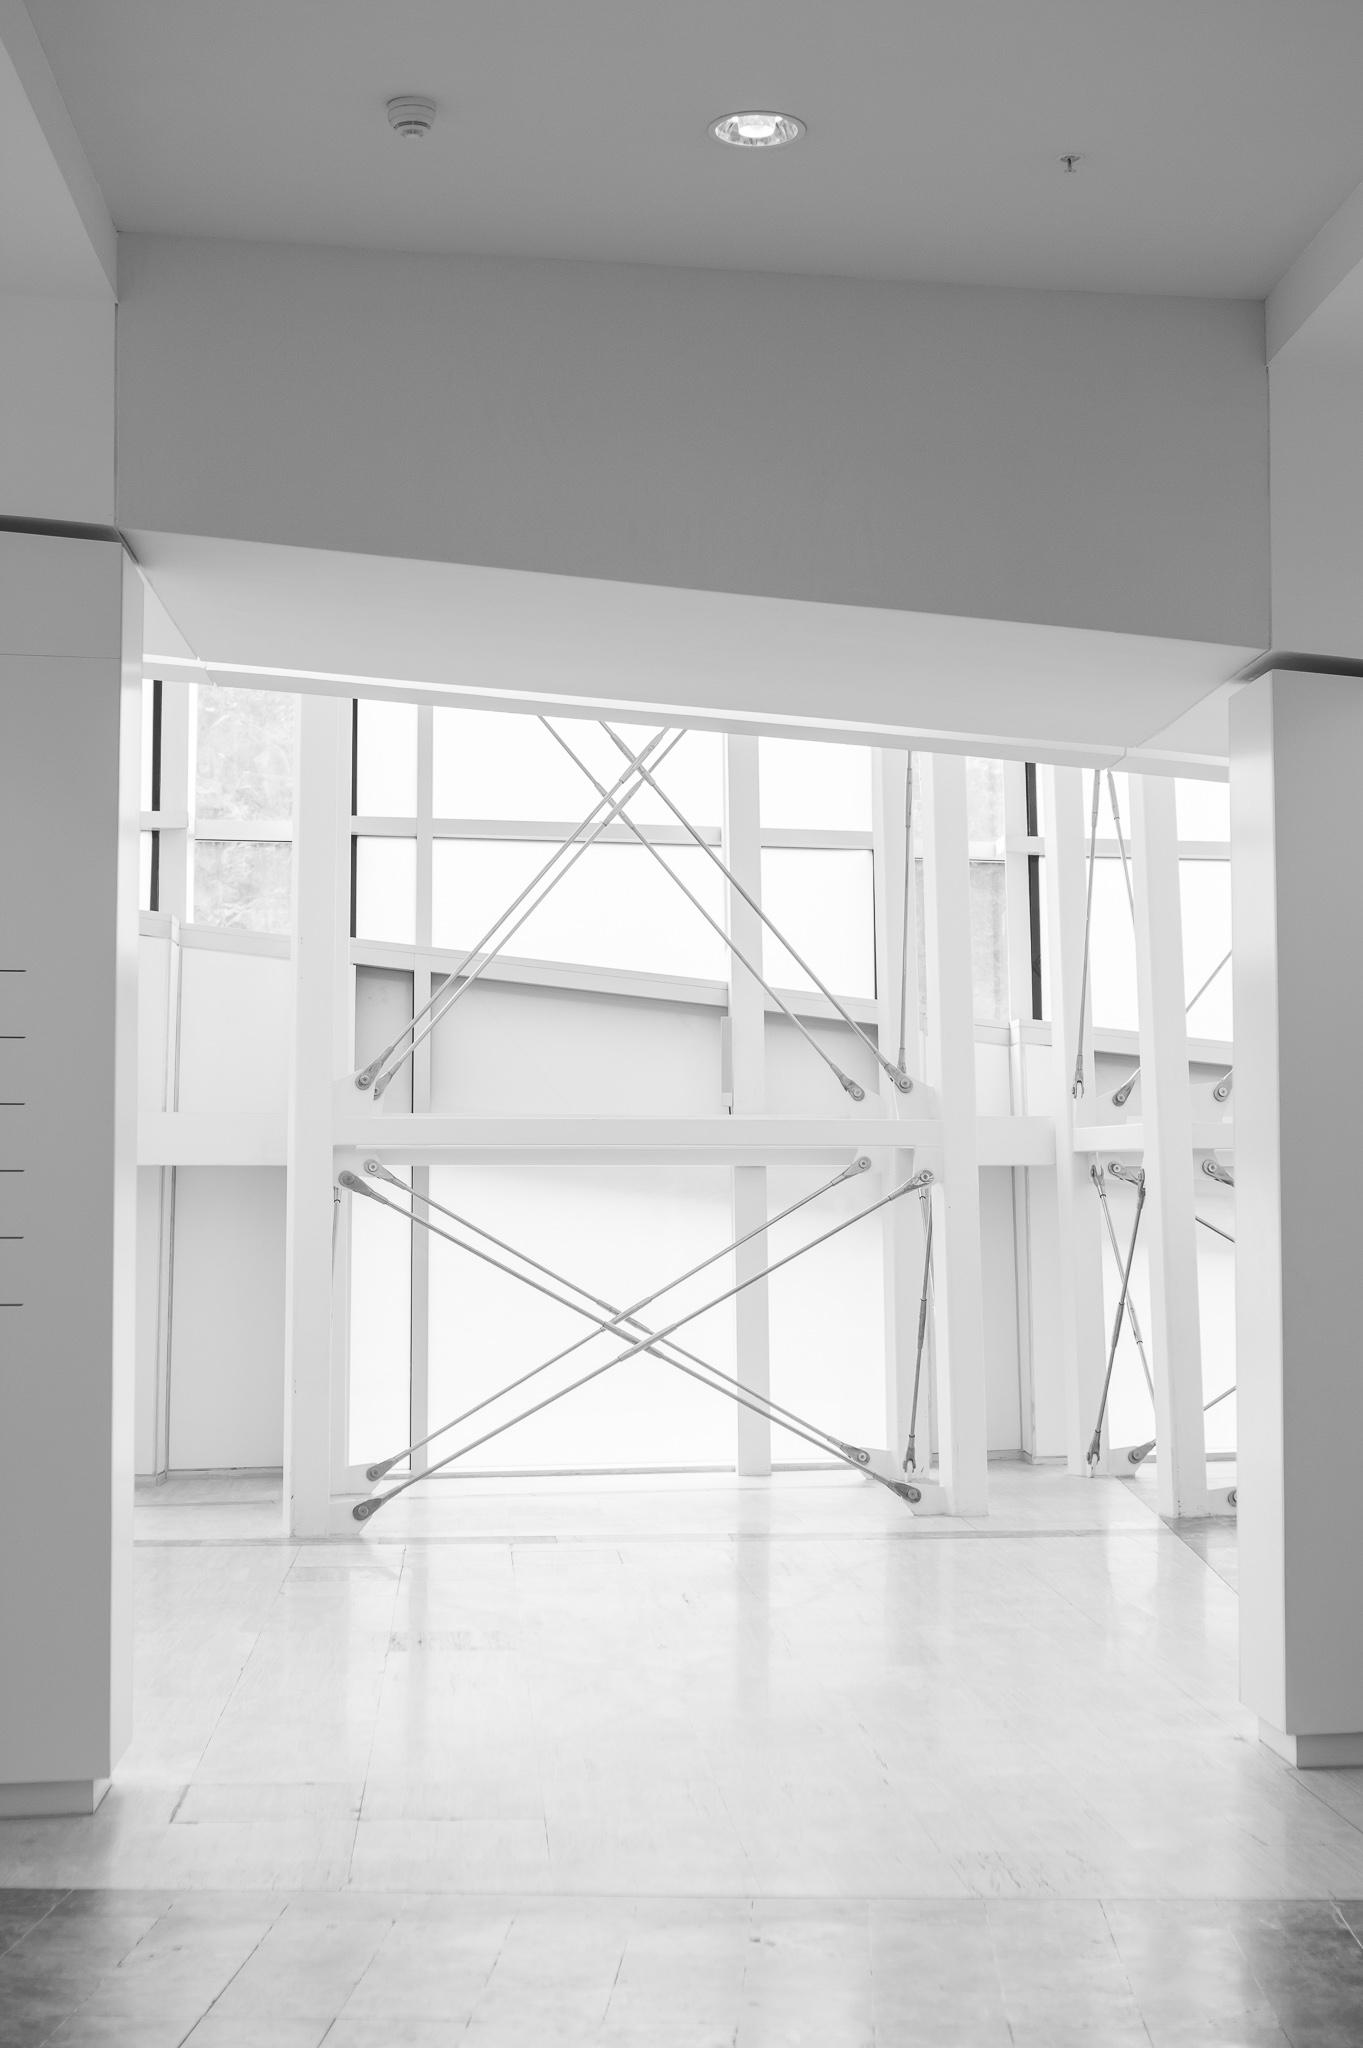 <p>A Cidade da Cultura é un proxecto deseñado polo arquitecto estadounidense Peter Eisenman en 1999. <br><br>O complexo arquitectónico, que conta con catro dos seis edificios proxectados, eríxese sobre o Monte Gaiás nas proximidades de Compostela.